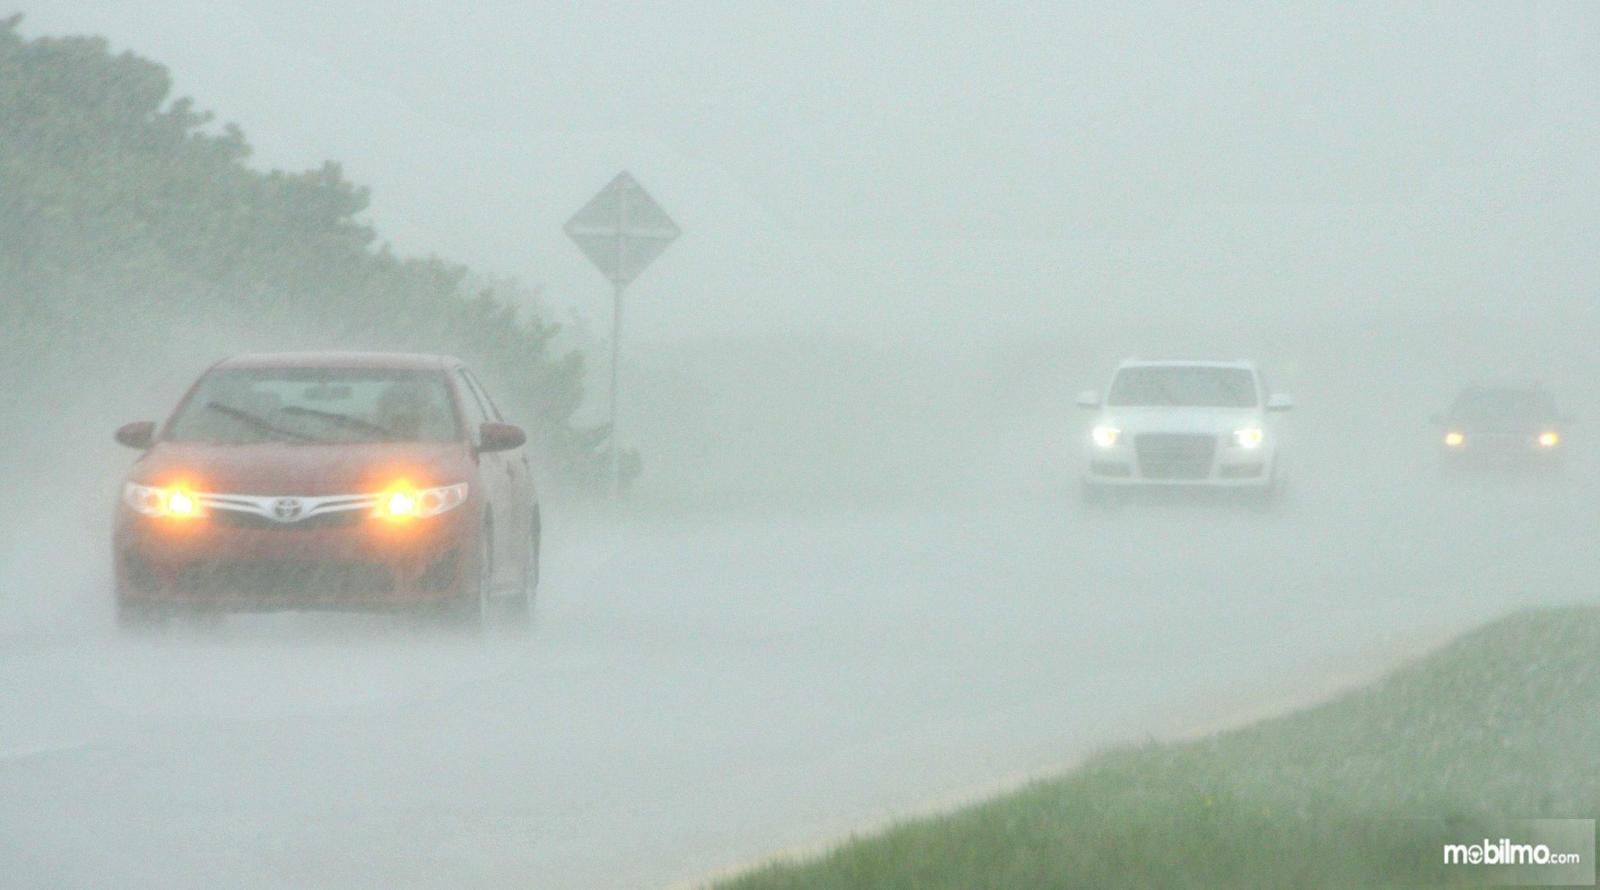 Foto mobil menyalakan lampu hazard di tengah hujan